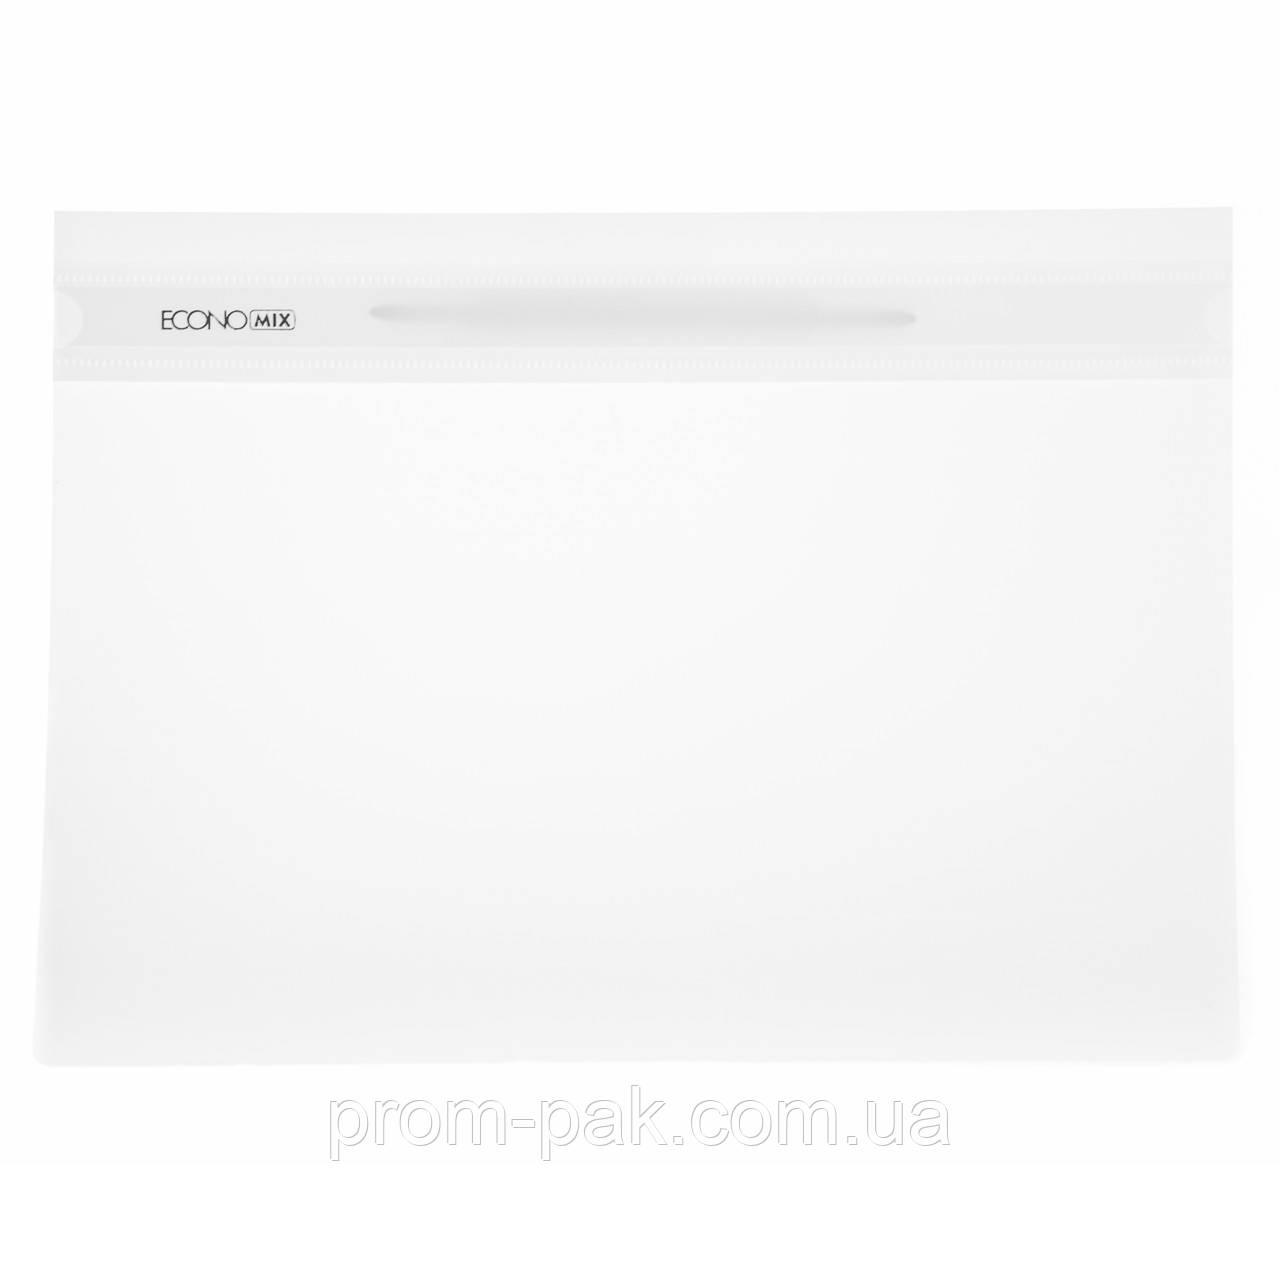 Скоросшиватель пластиковый Economix белый 31511-14